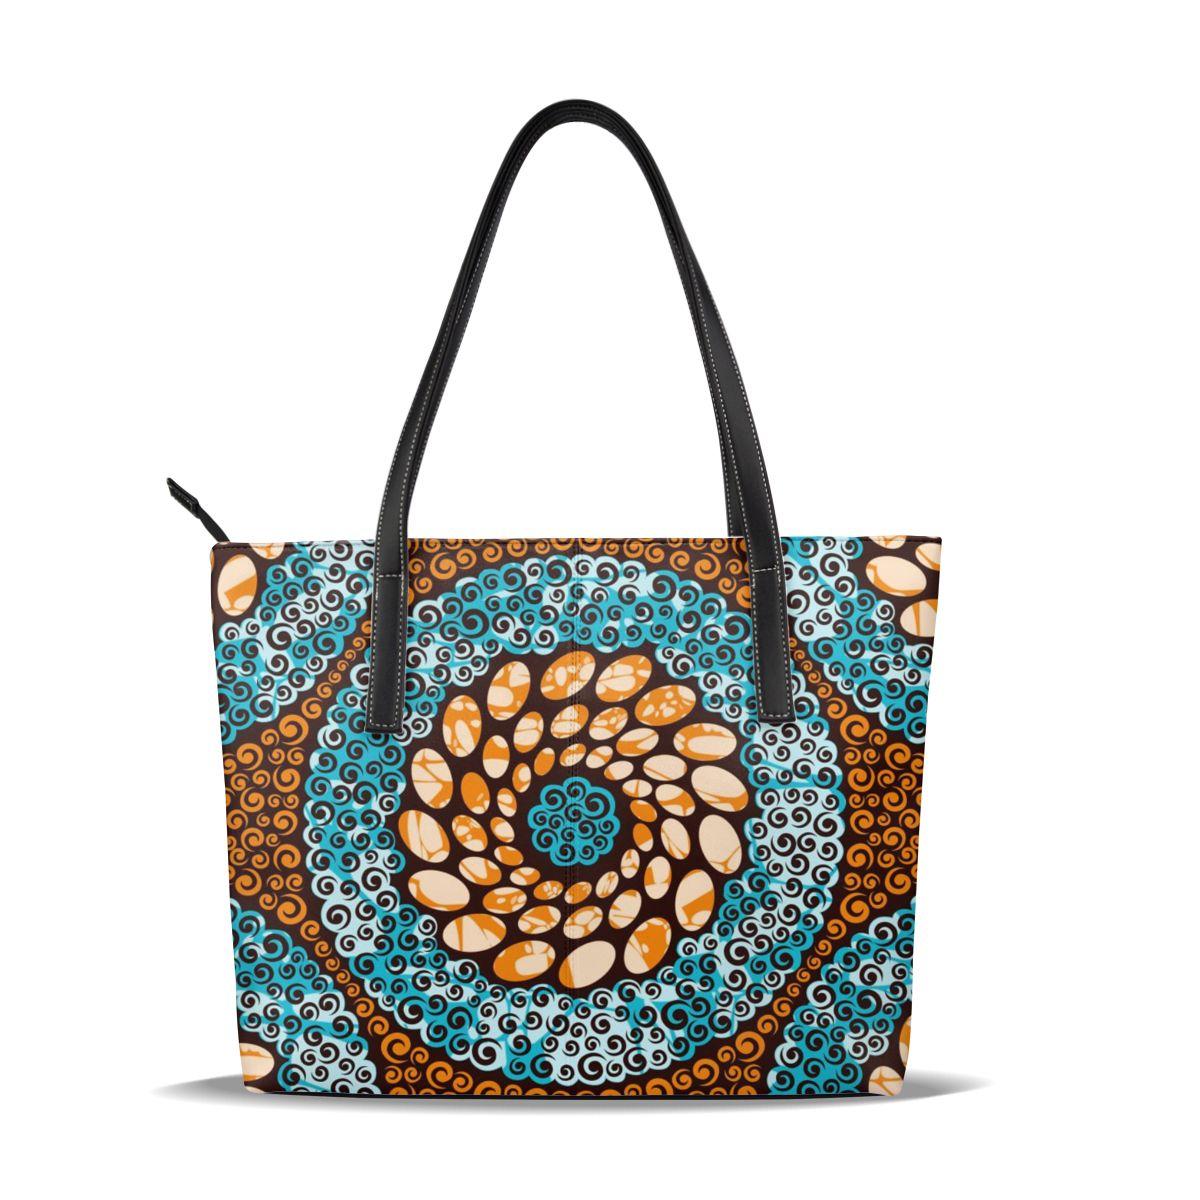 NOISYDESIGNS Mochila Bolsa Vintage fleur impression mode femmes sac à bandoulière avec sacs à main filles sacs de messager femme sacs à main